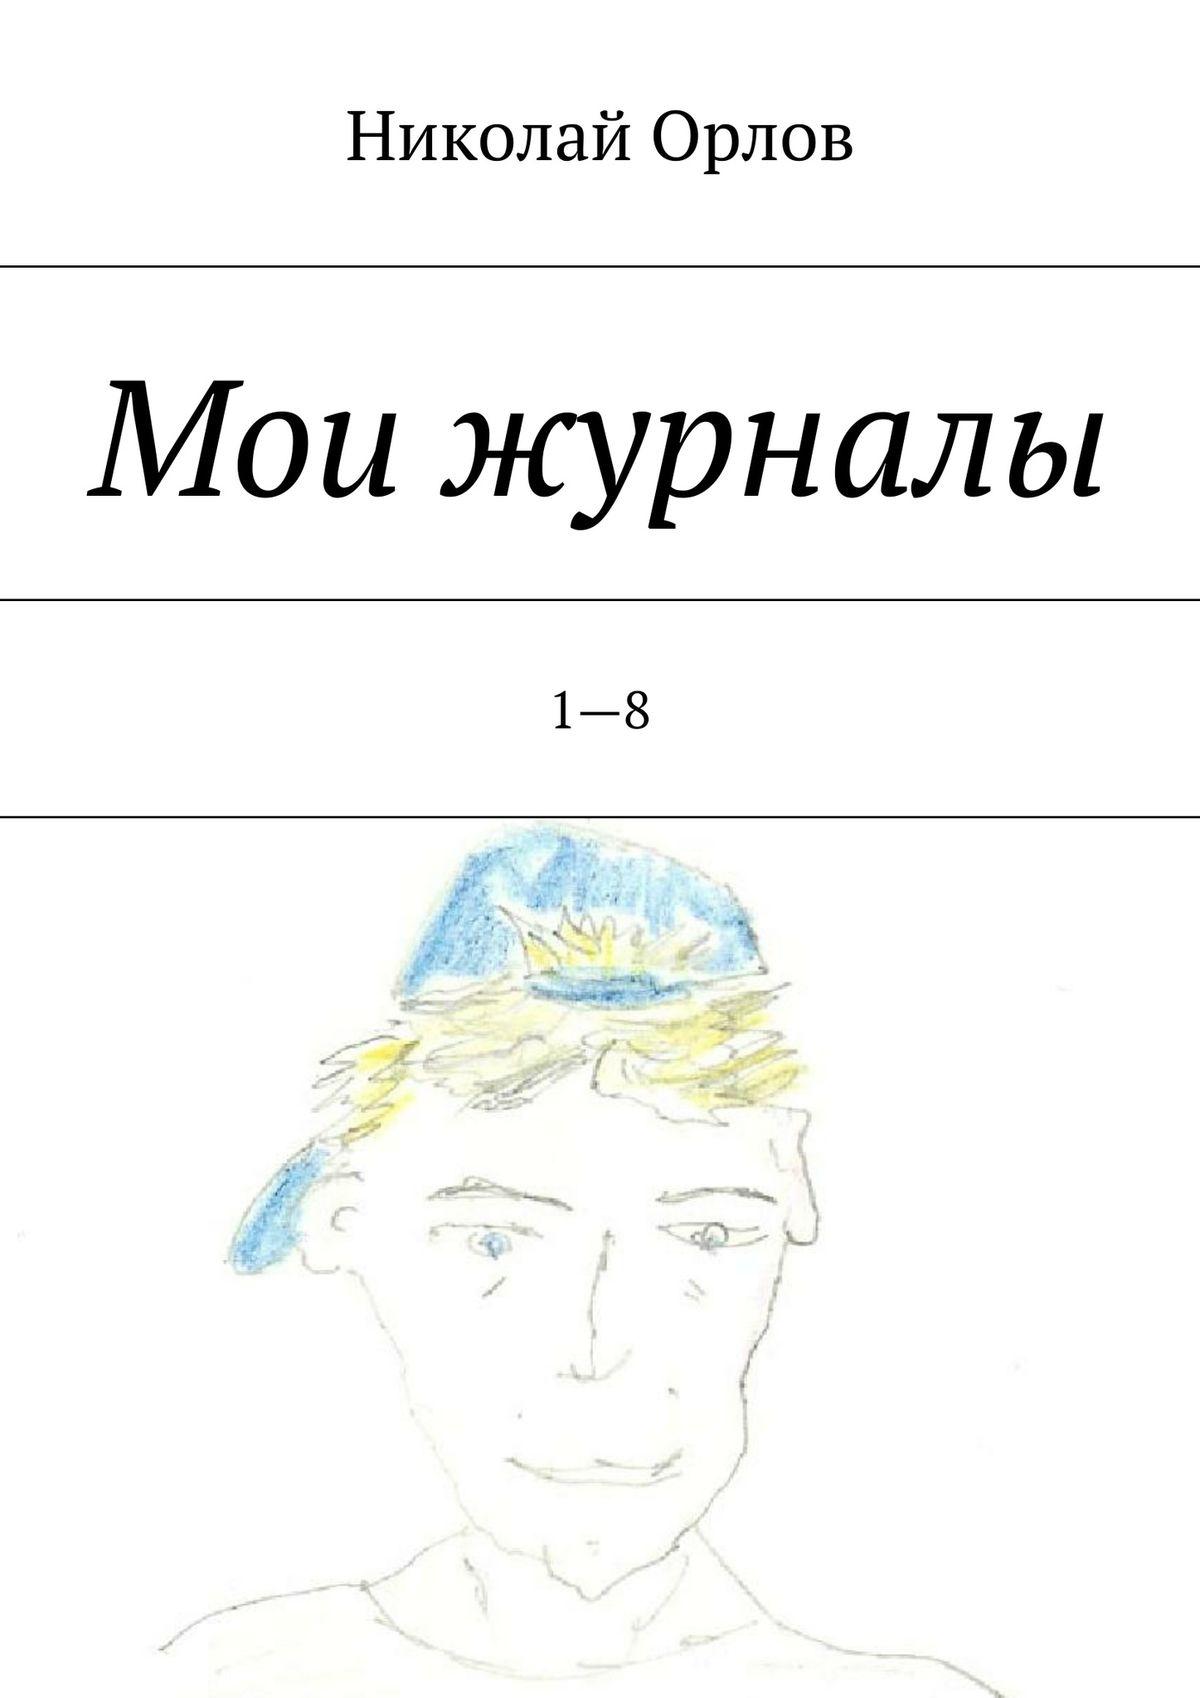 Фото - Николай Орлов Мои журналы.1—8 журналы